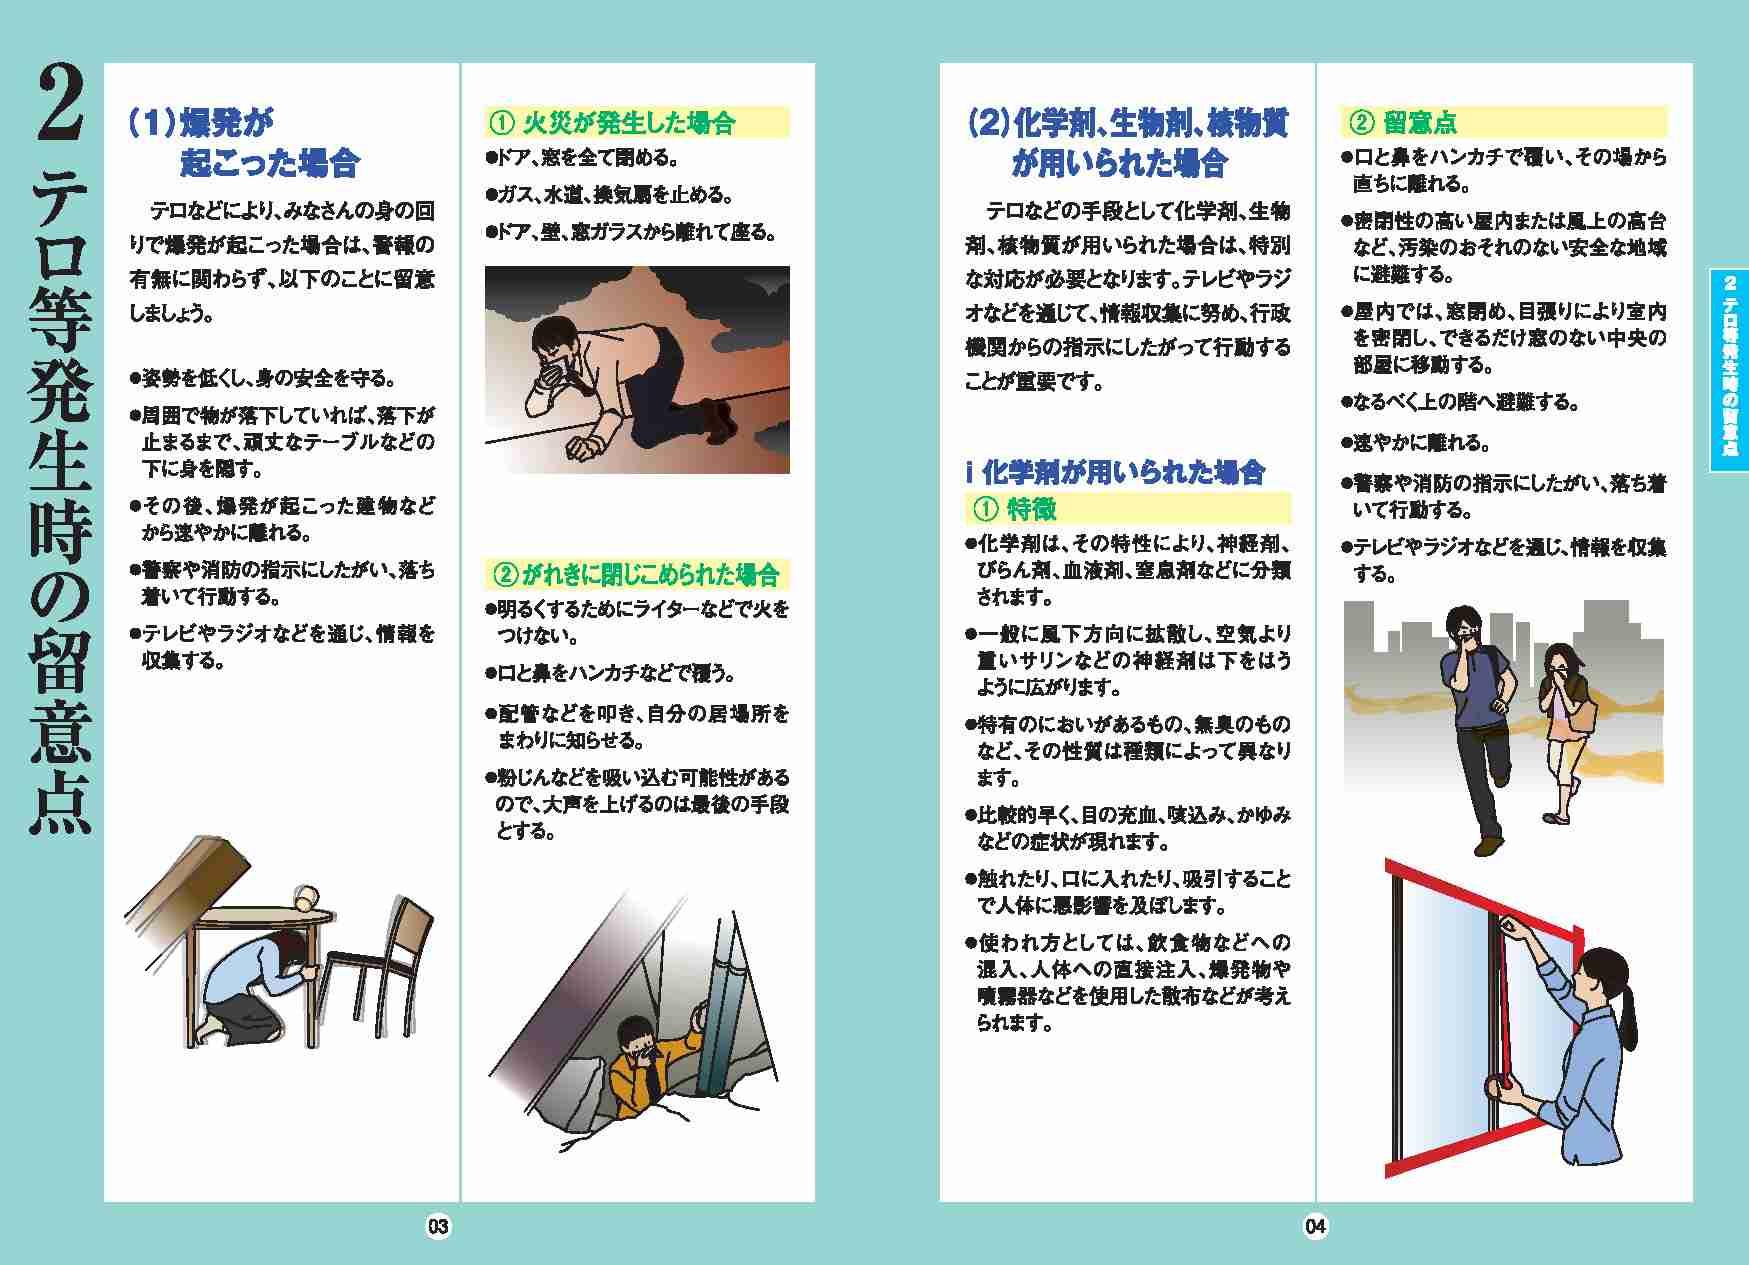 もし、東京でテロが起きたらどうするか。テロから身を守る方法とは。 – 今日のネタ、大丈夫?